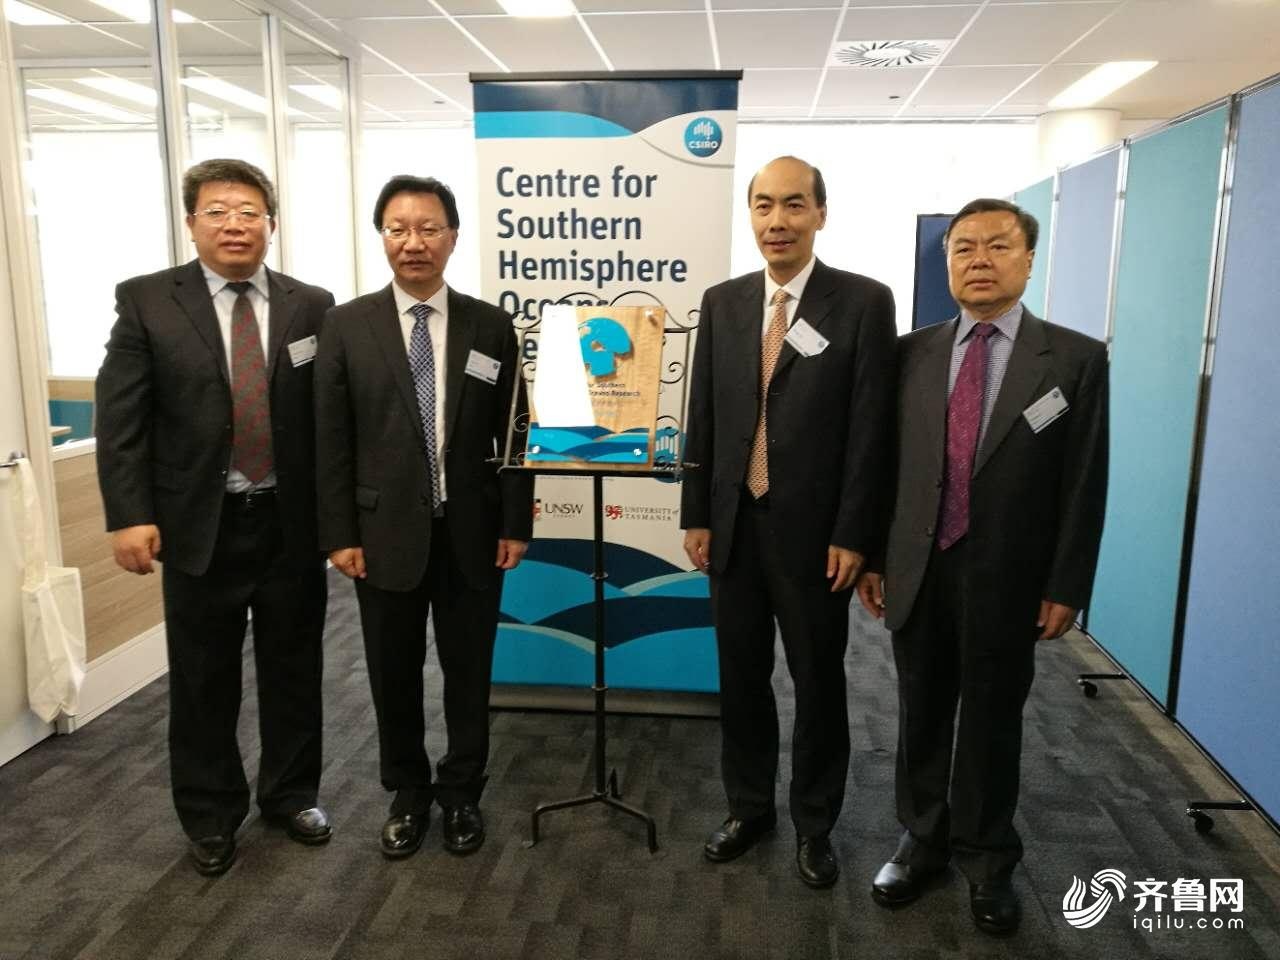 海洋国家实验室国际南半球海洋研究中心正式启用